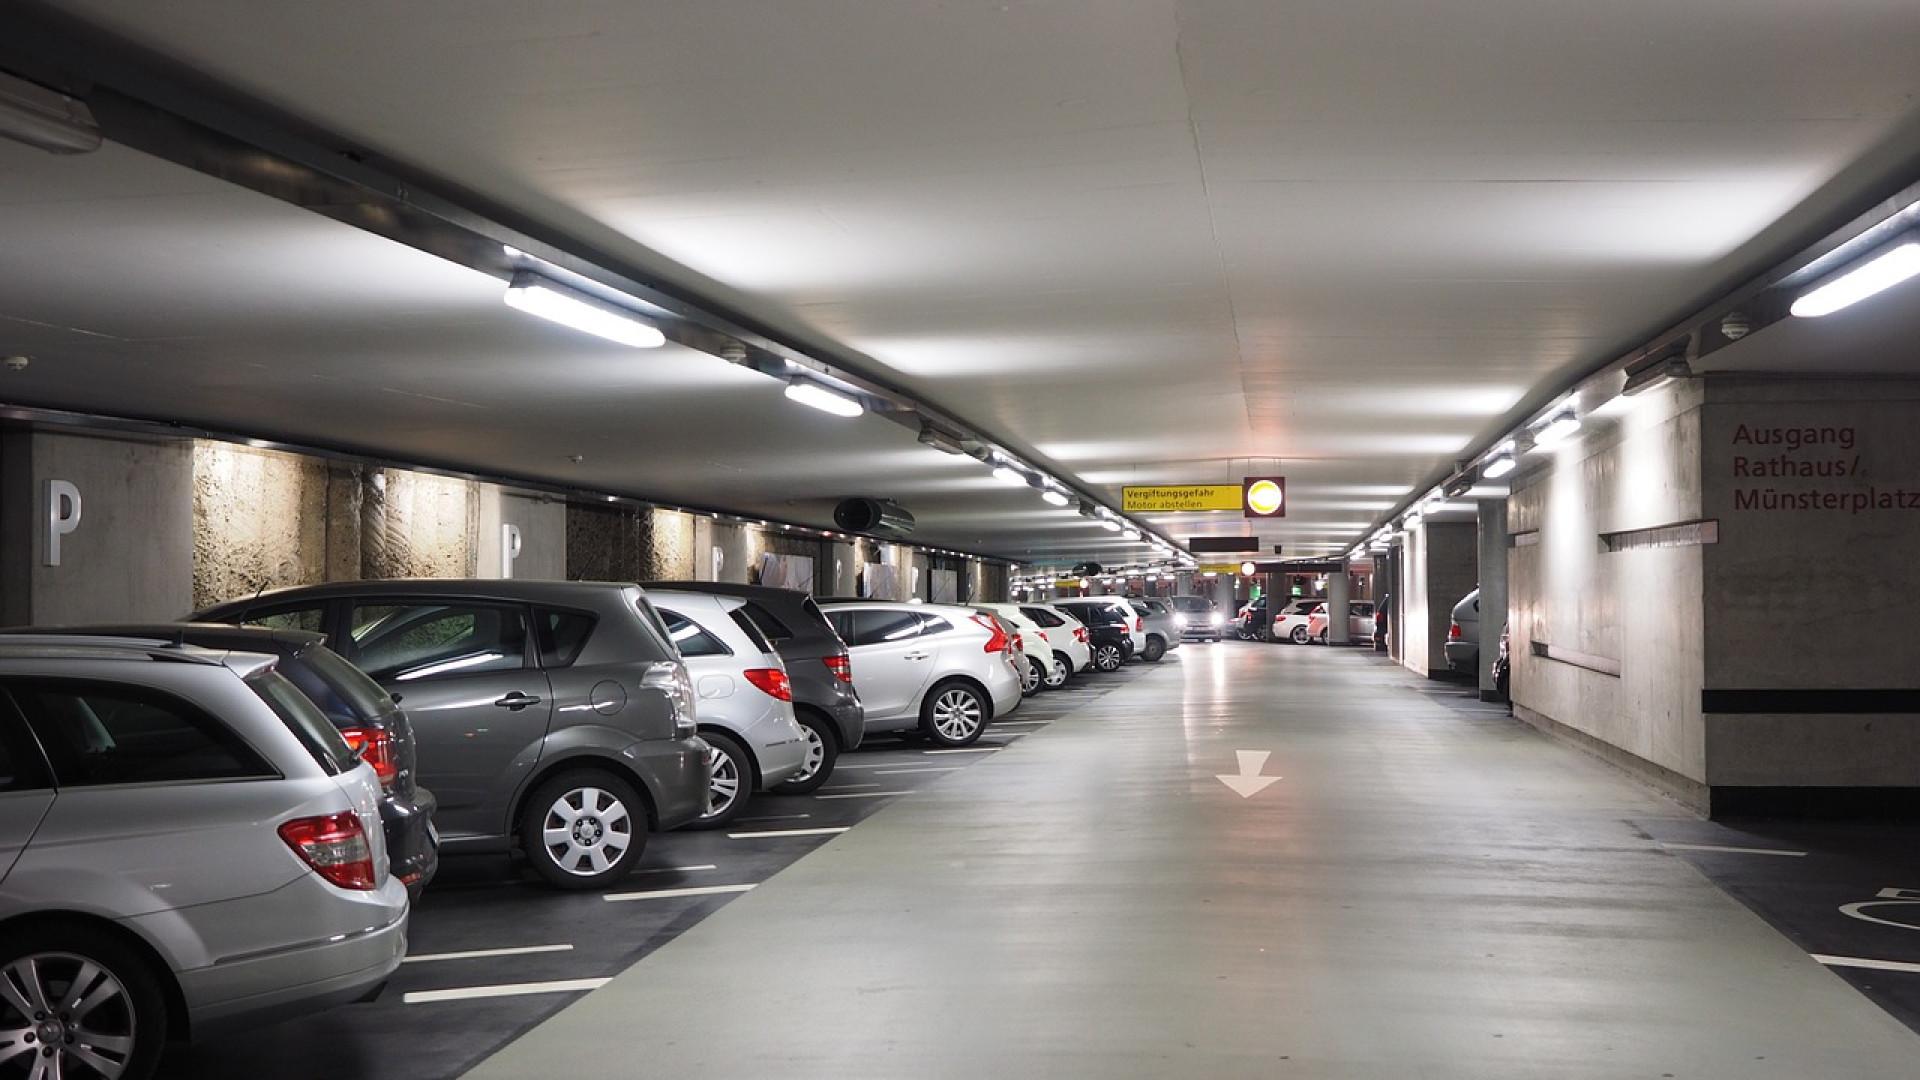 Parking pas cher à Roissy, le meilleur moyen pour voyager sereinement